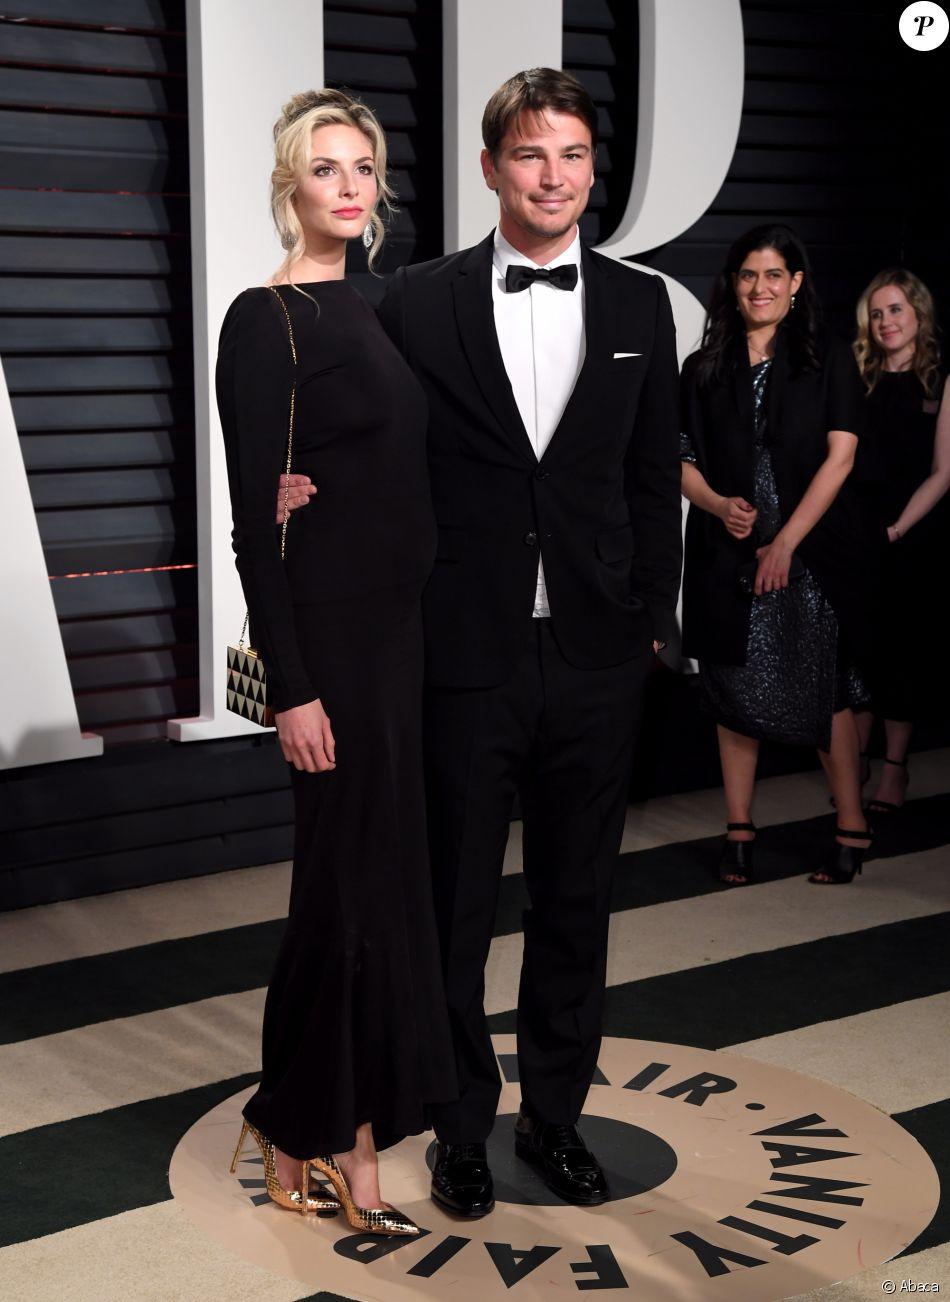 """Josh Hartnett et Tamsin Egerton lors de leur arrivée à l'after party des Oscars organisée par le magazine """"Vanity Fair"""" le 26 février 2017 à Los Angeles"""